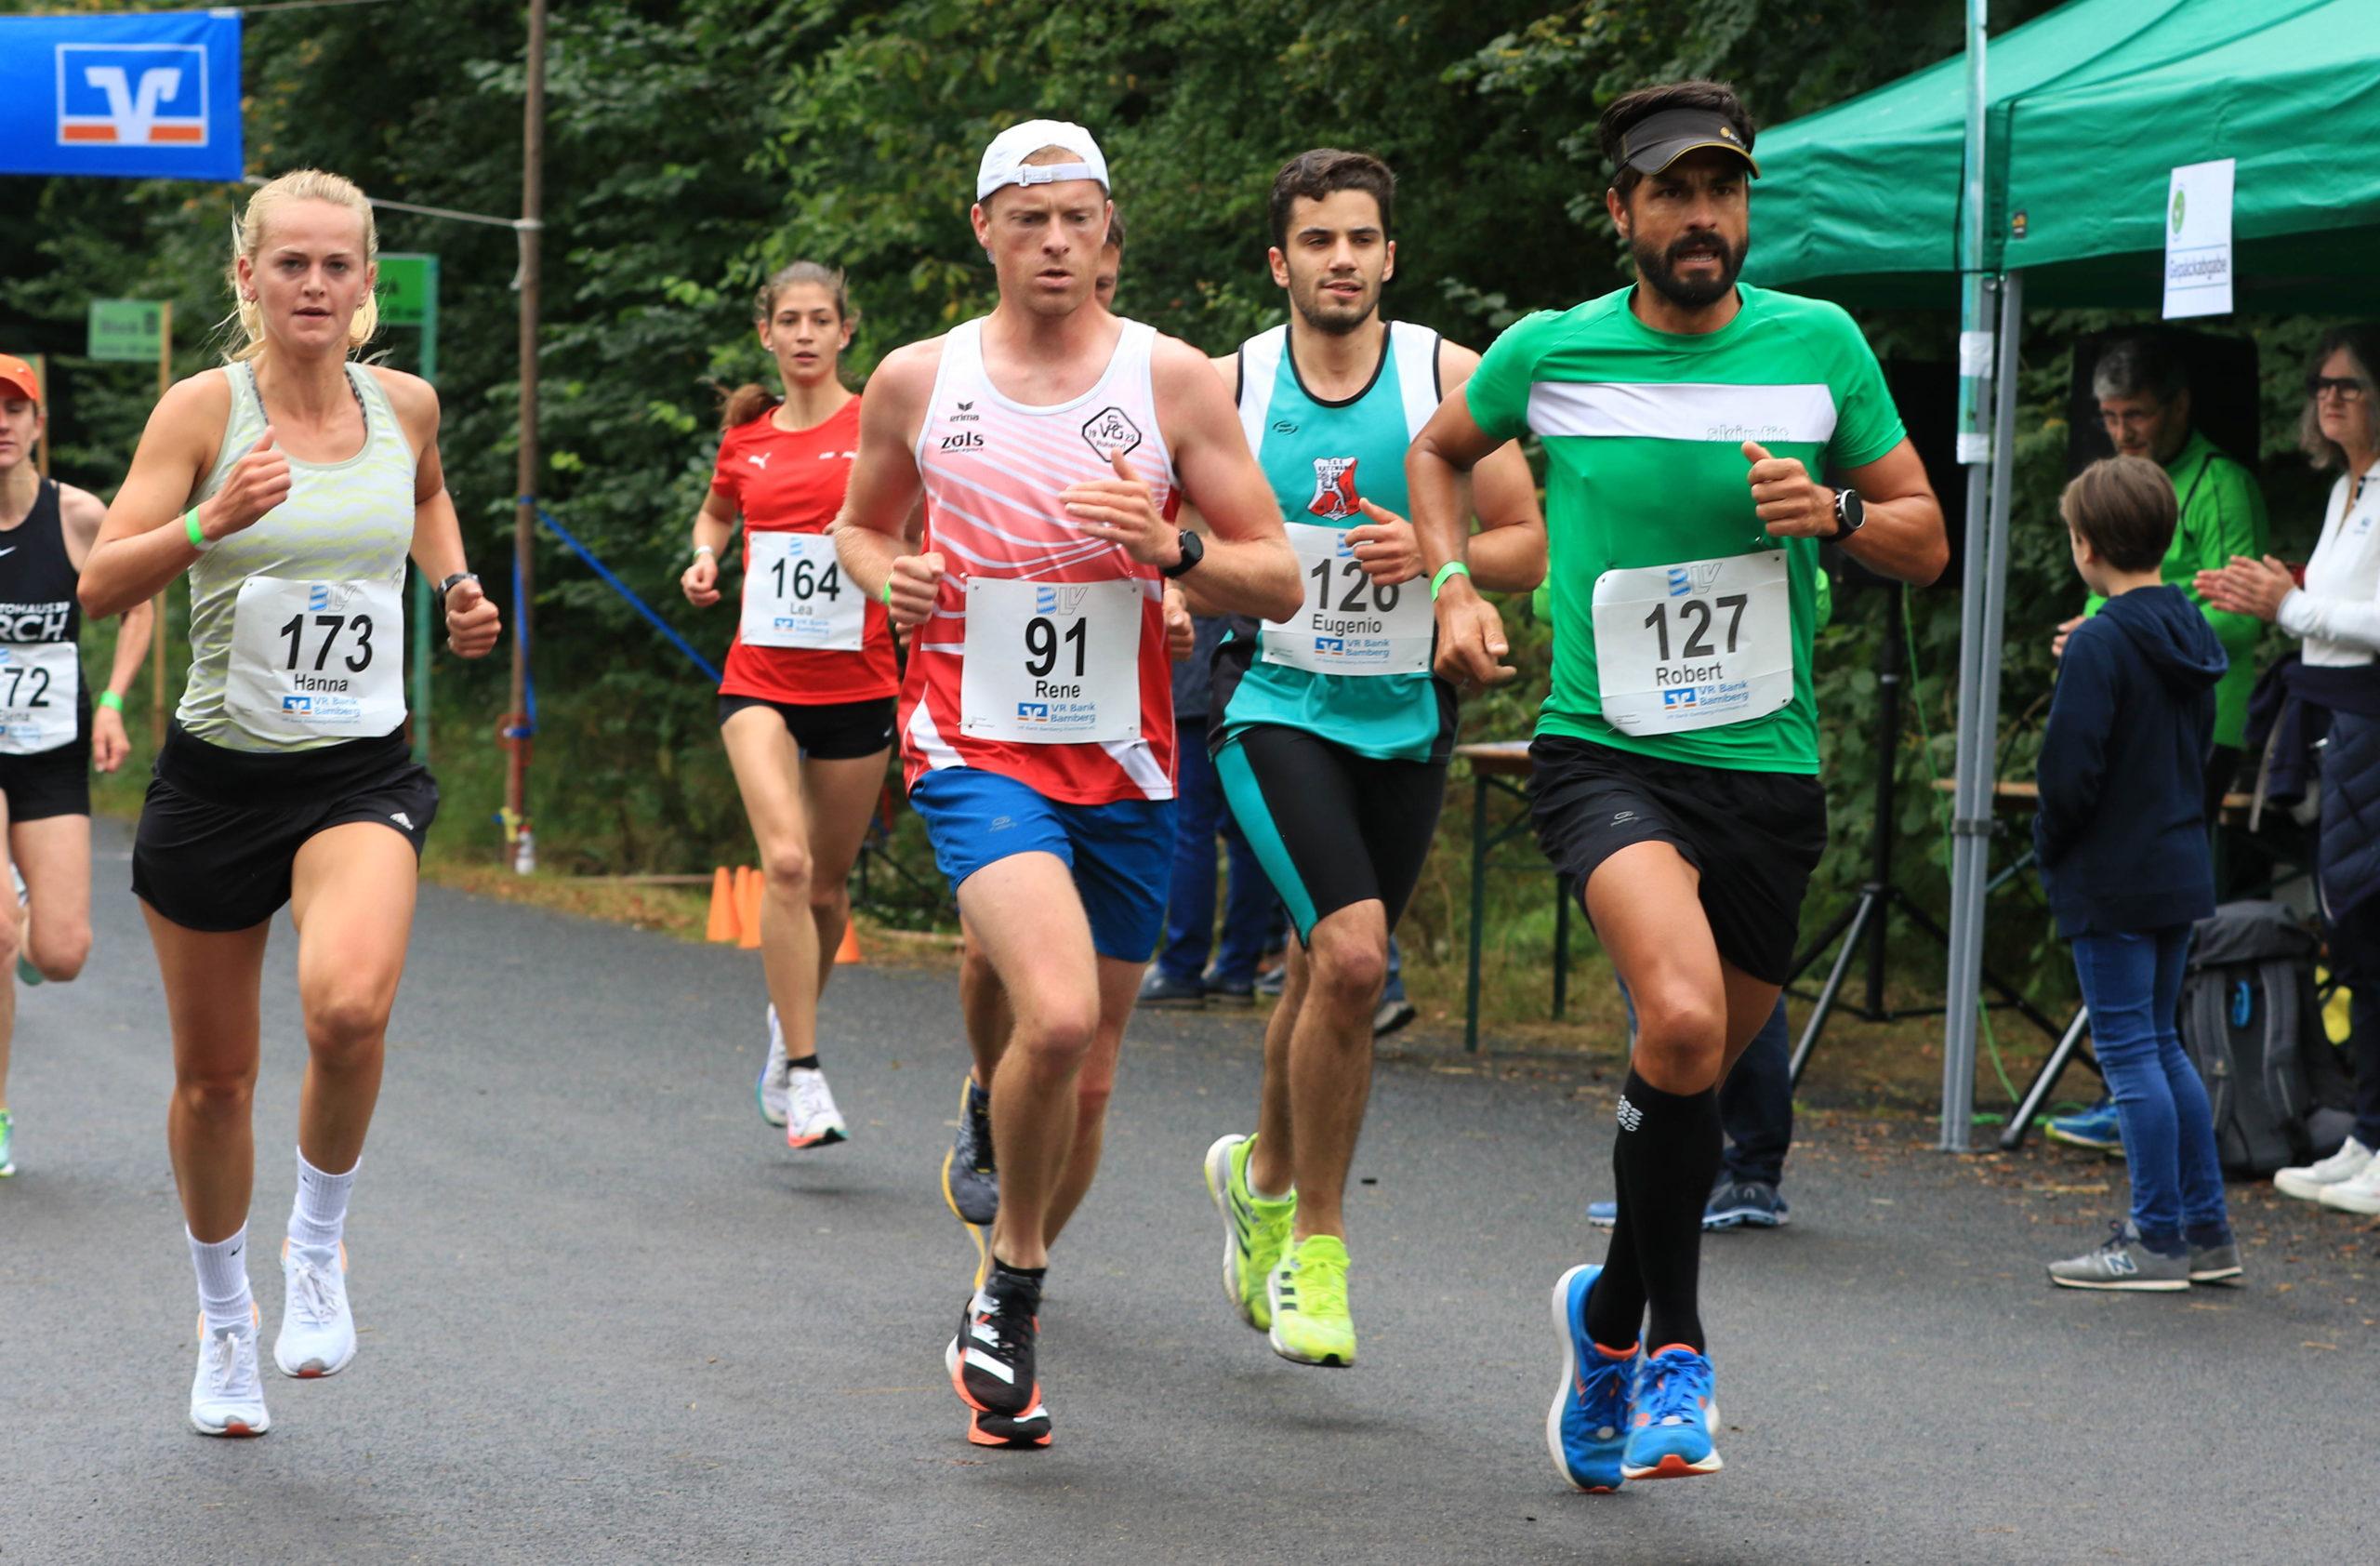 Bayerische 10 km Straßenlaufmeisterschaft 2021